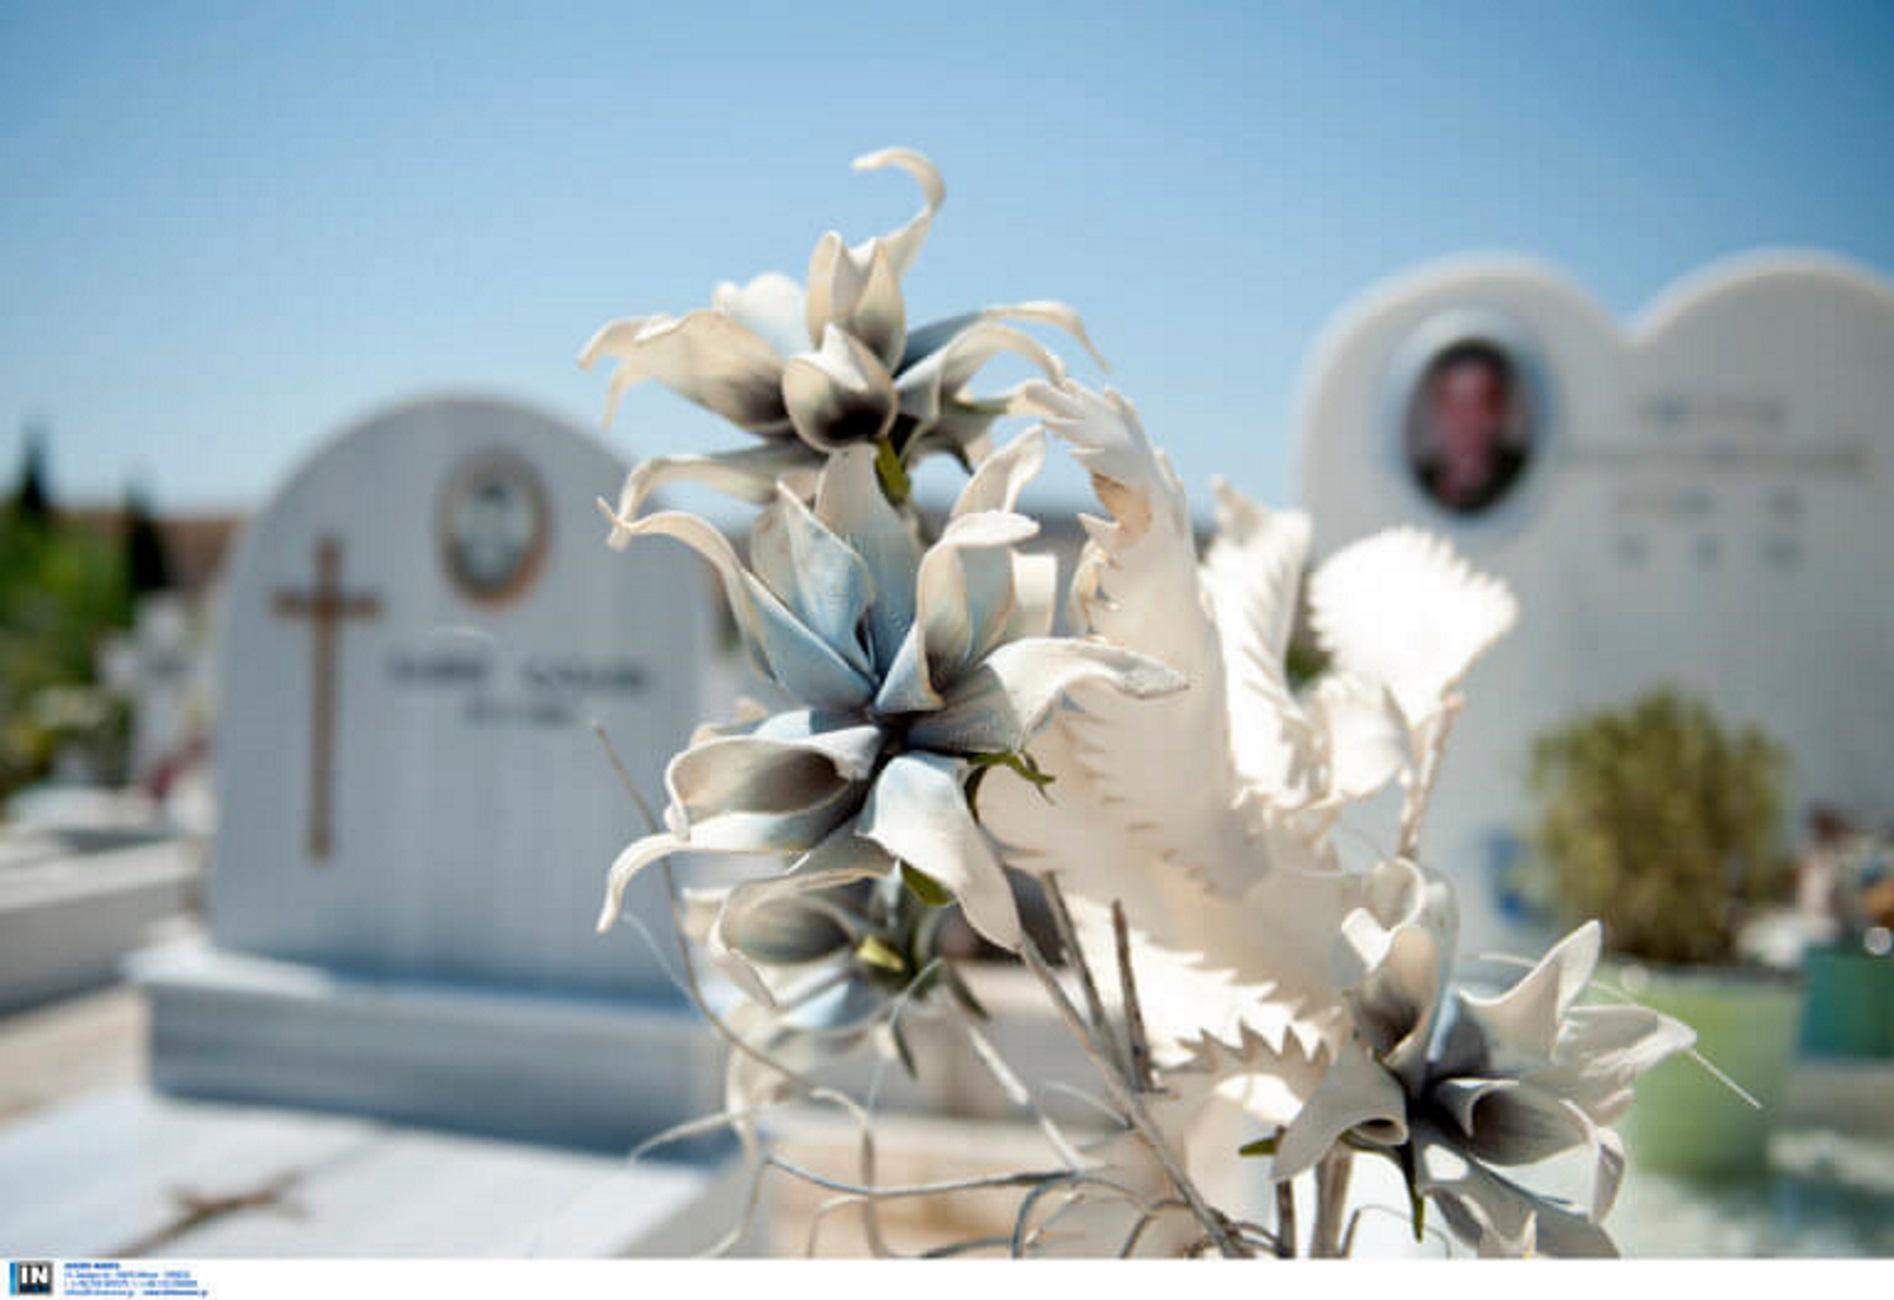 Ηλεία: Επέστρεψαν την οστεοθήκη από τον τάφο που βεβήλωσαν 5 χρόνια μετά! Ξυπνούν μνήμες εφιαλτικές